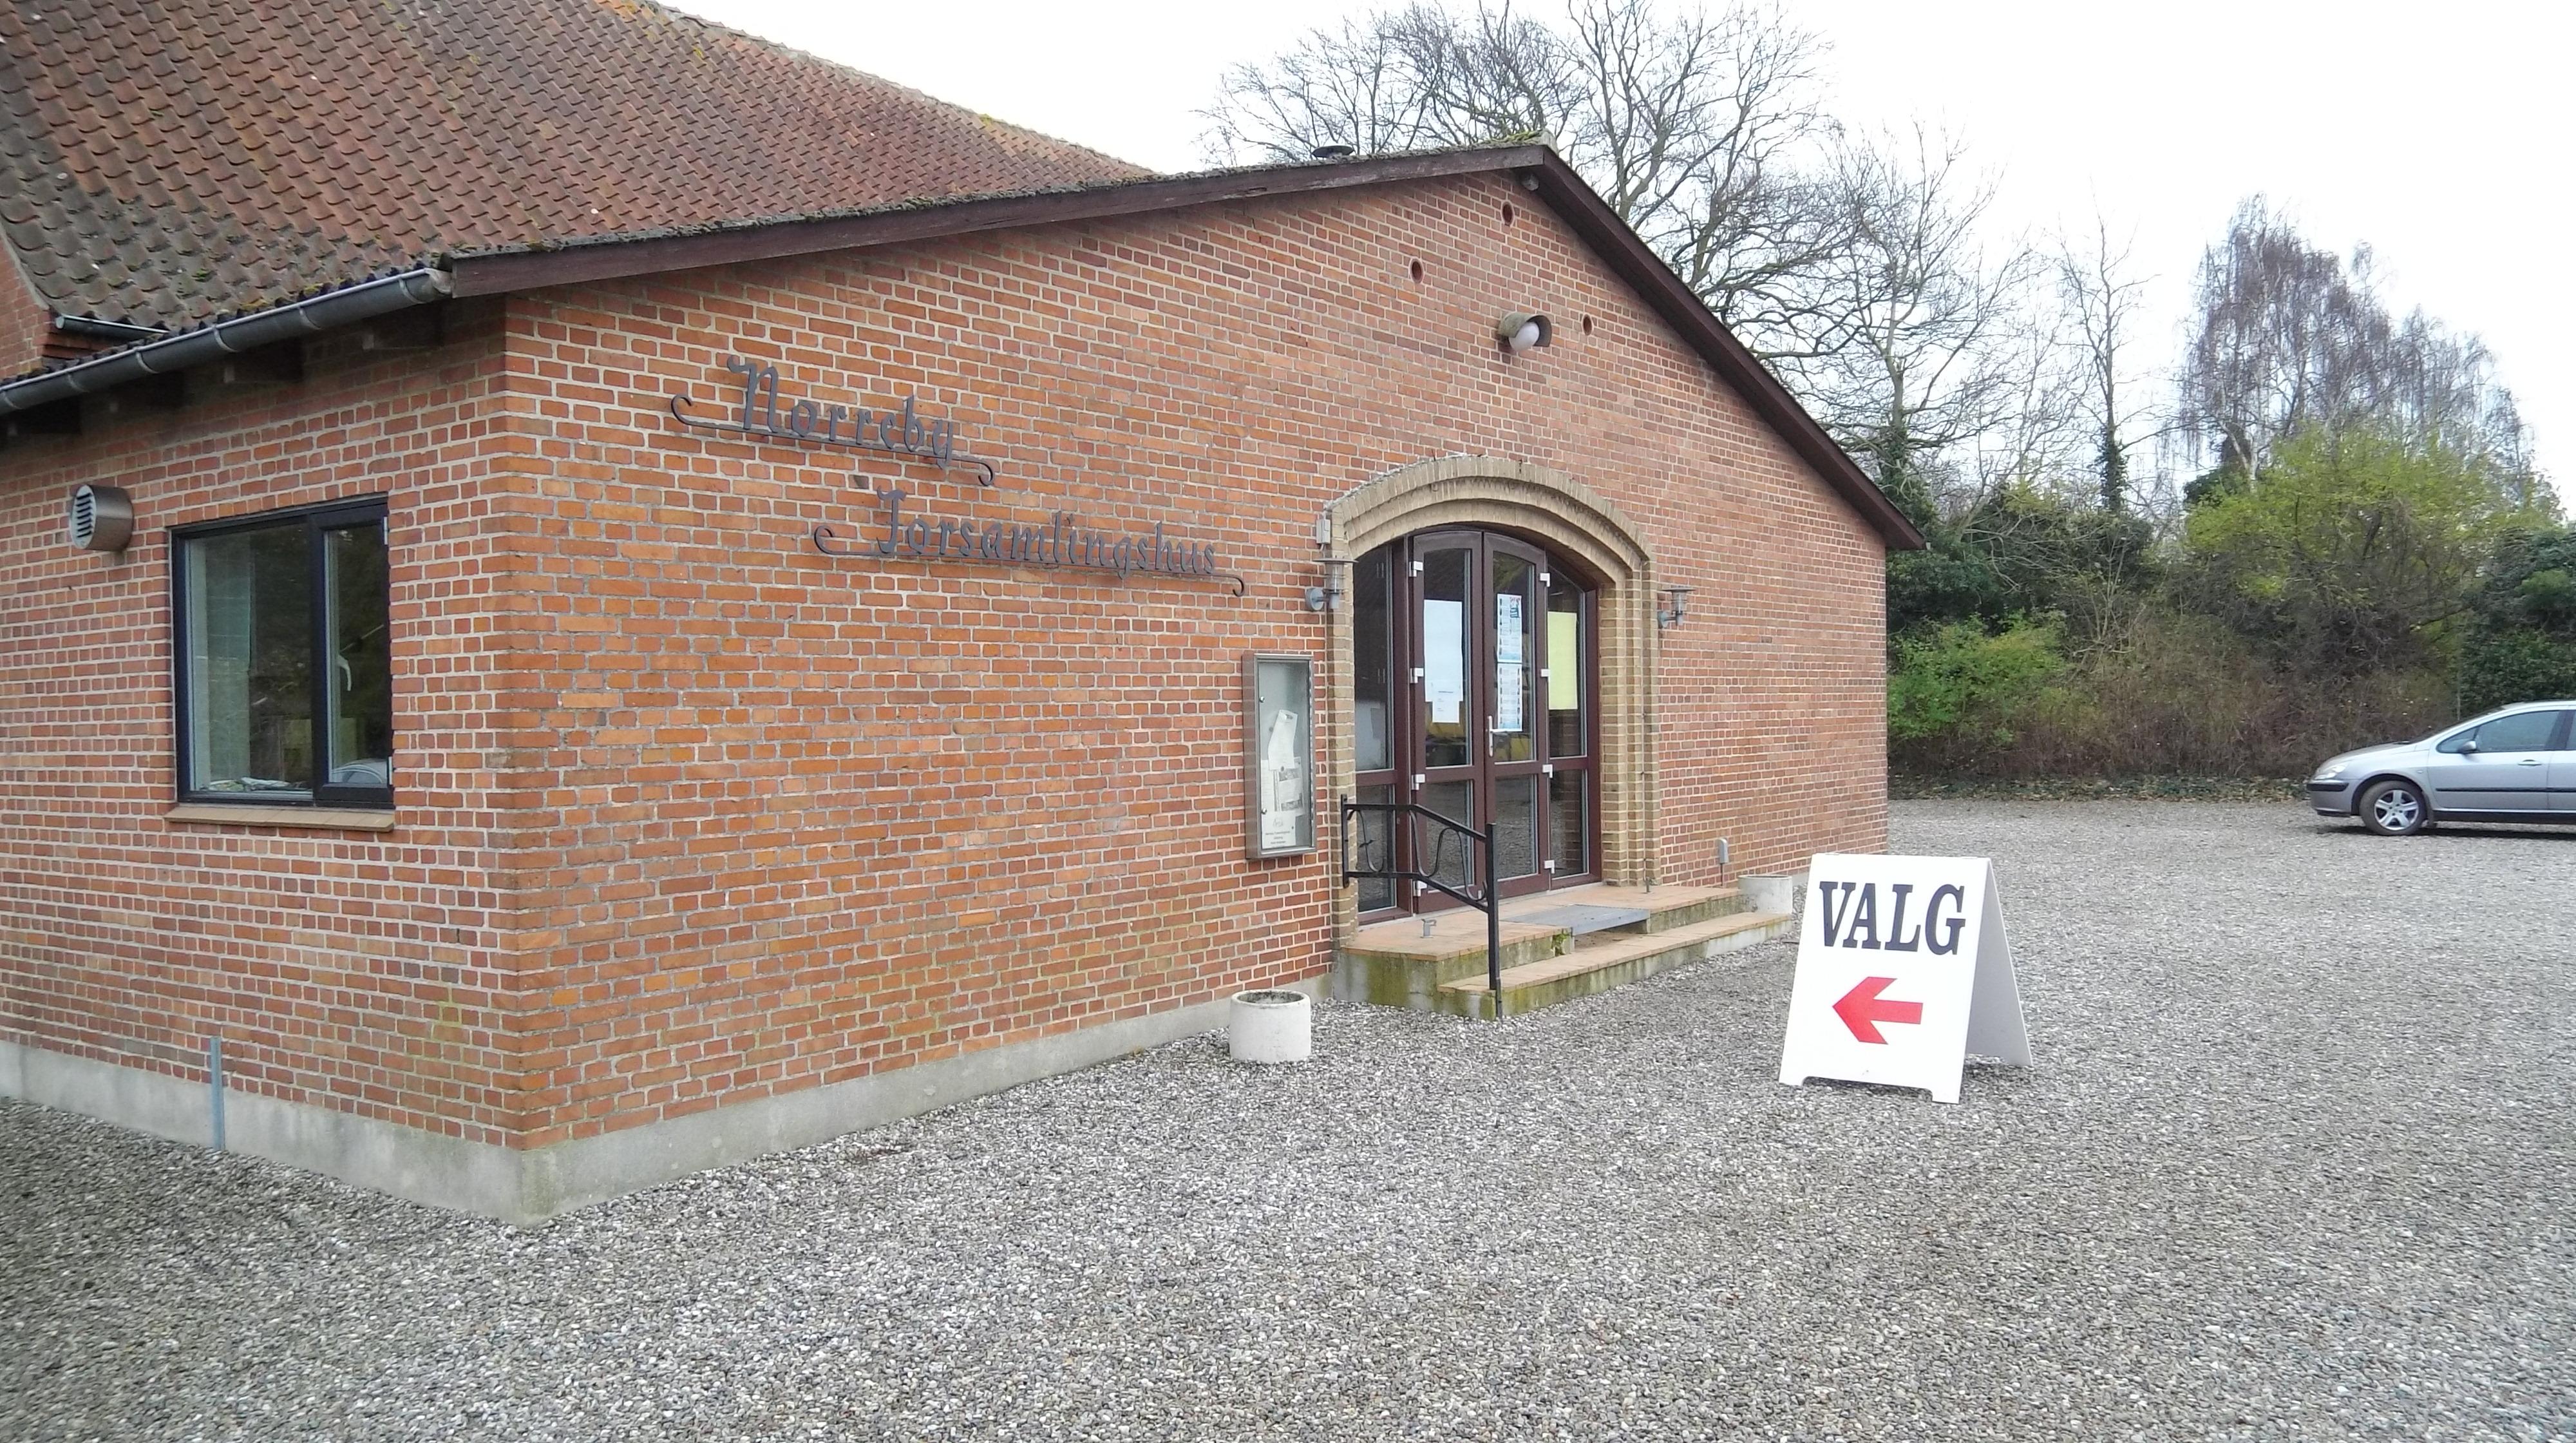 Valg i Nørreby Forsamlingshus